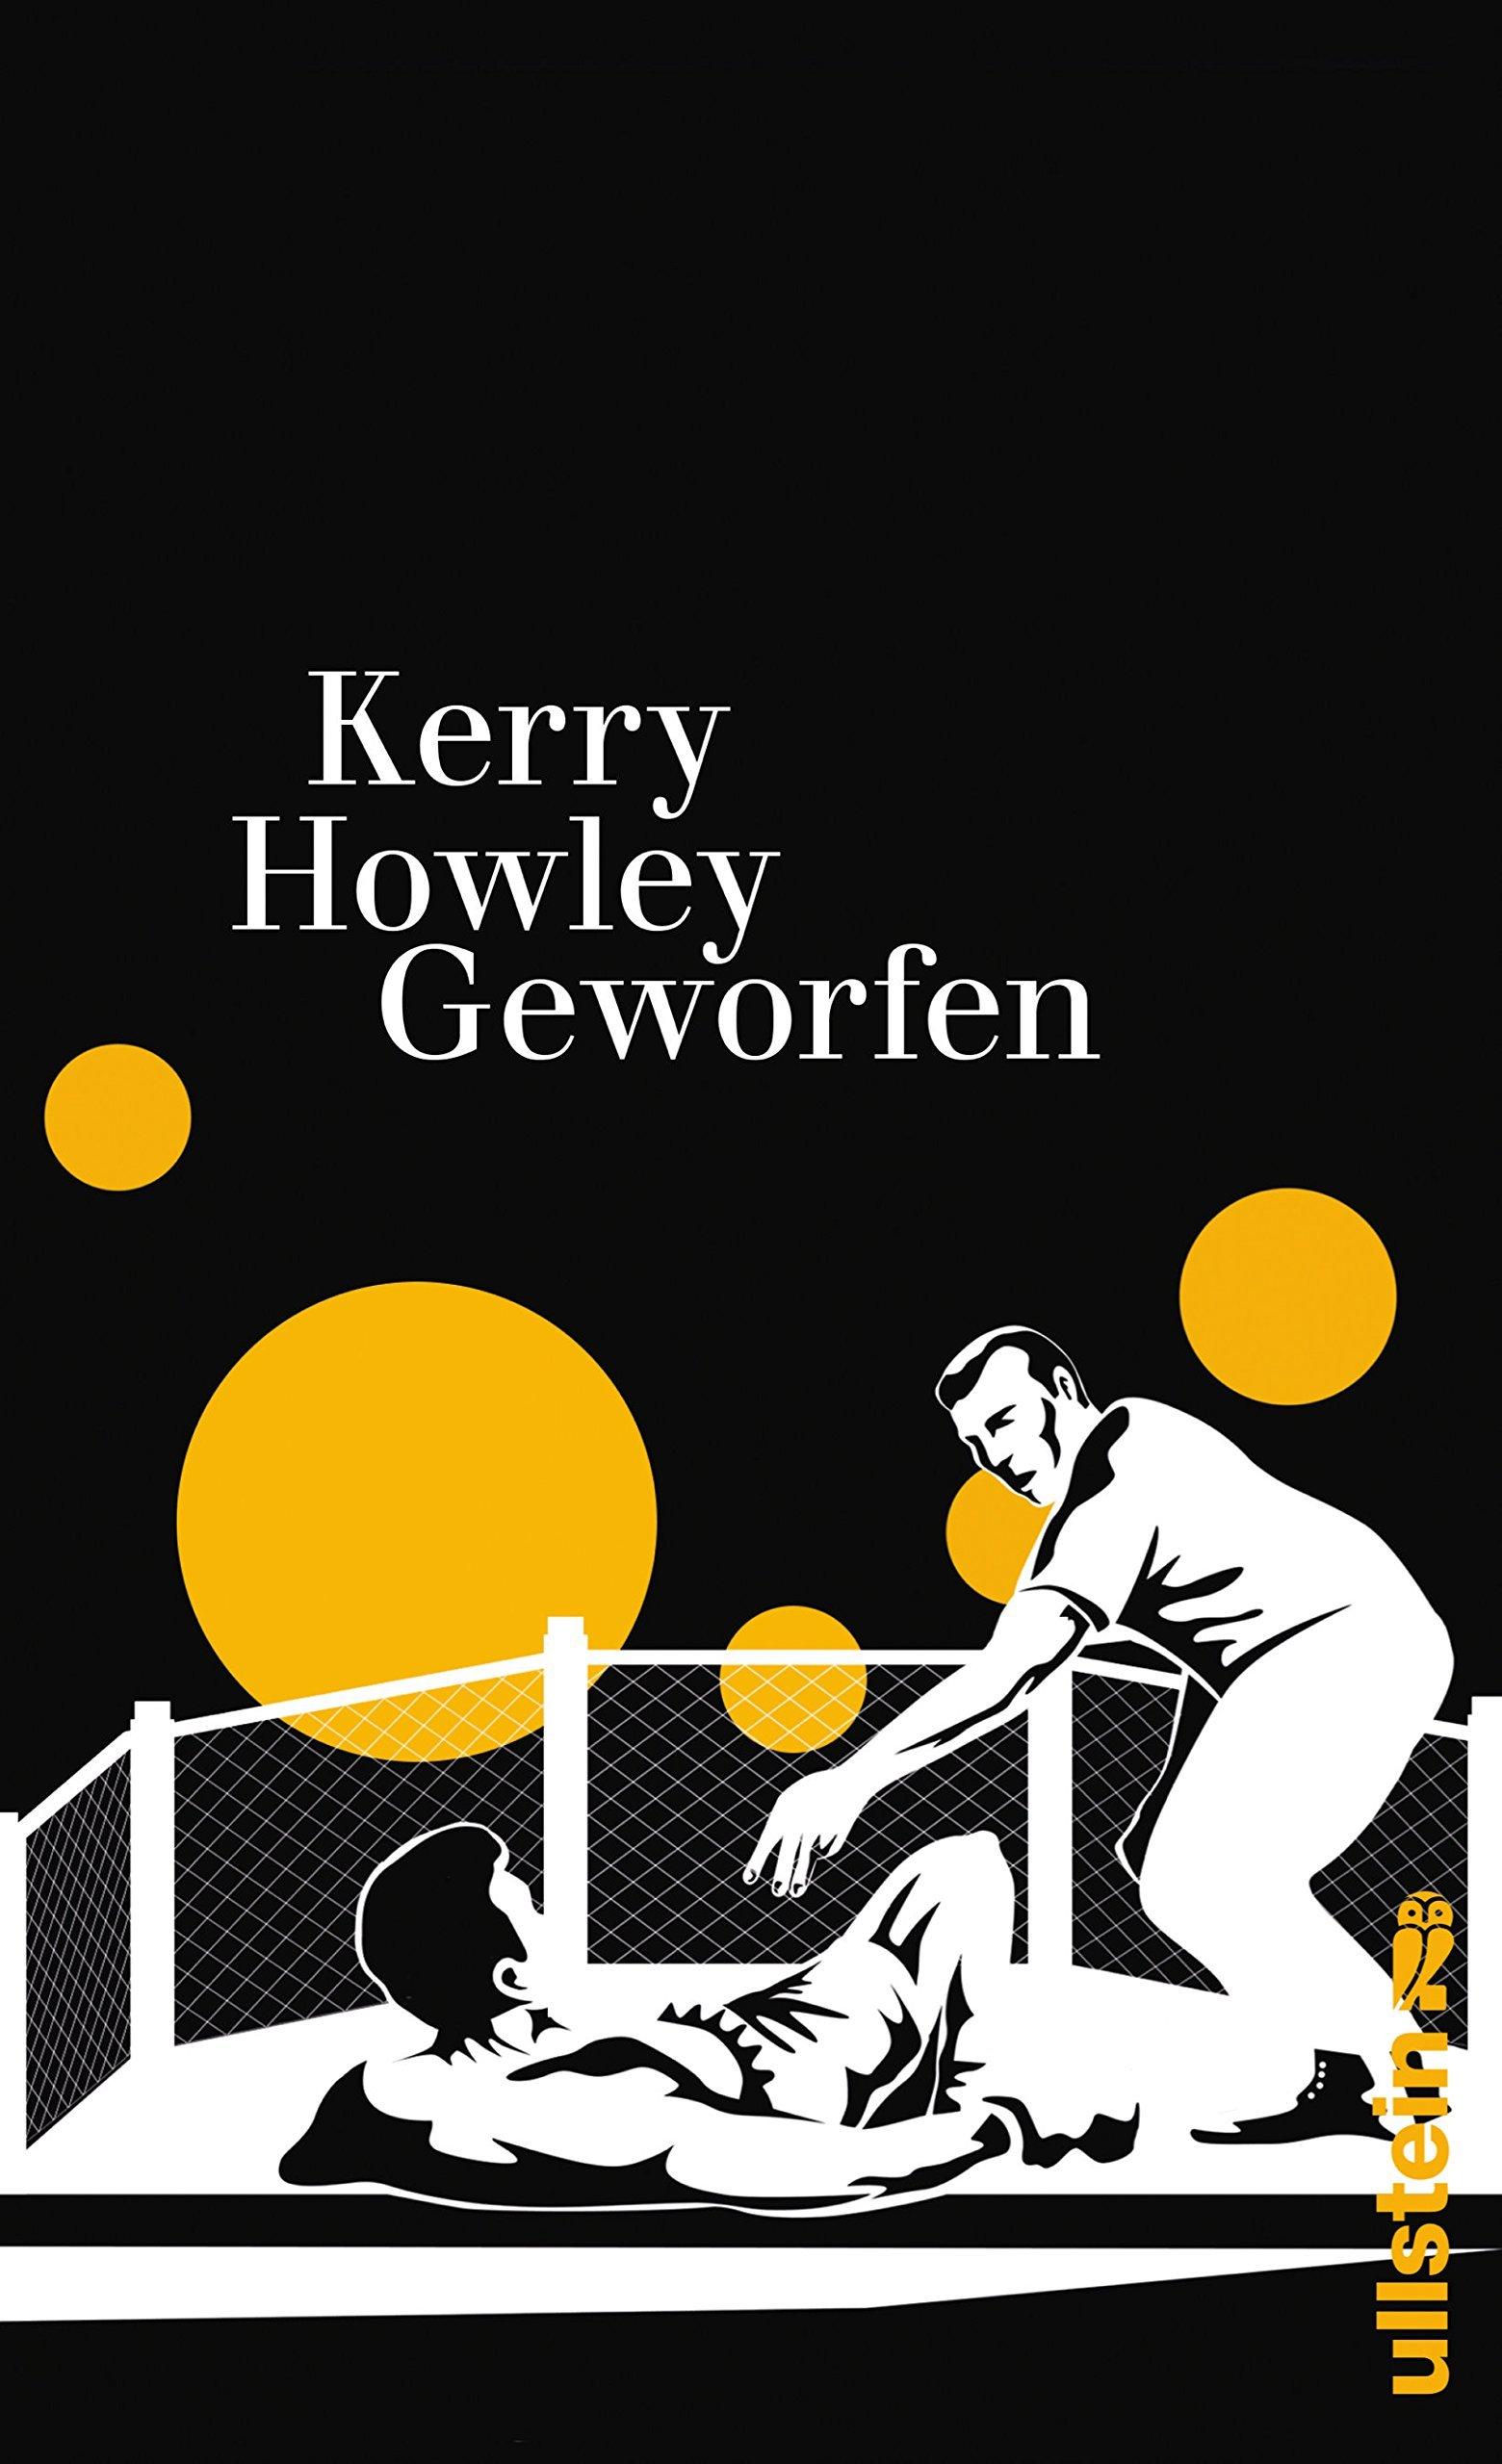 Geworfen Kerry Howley